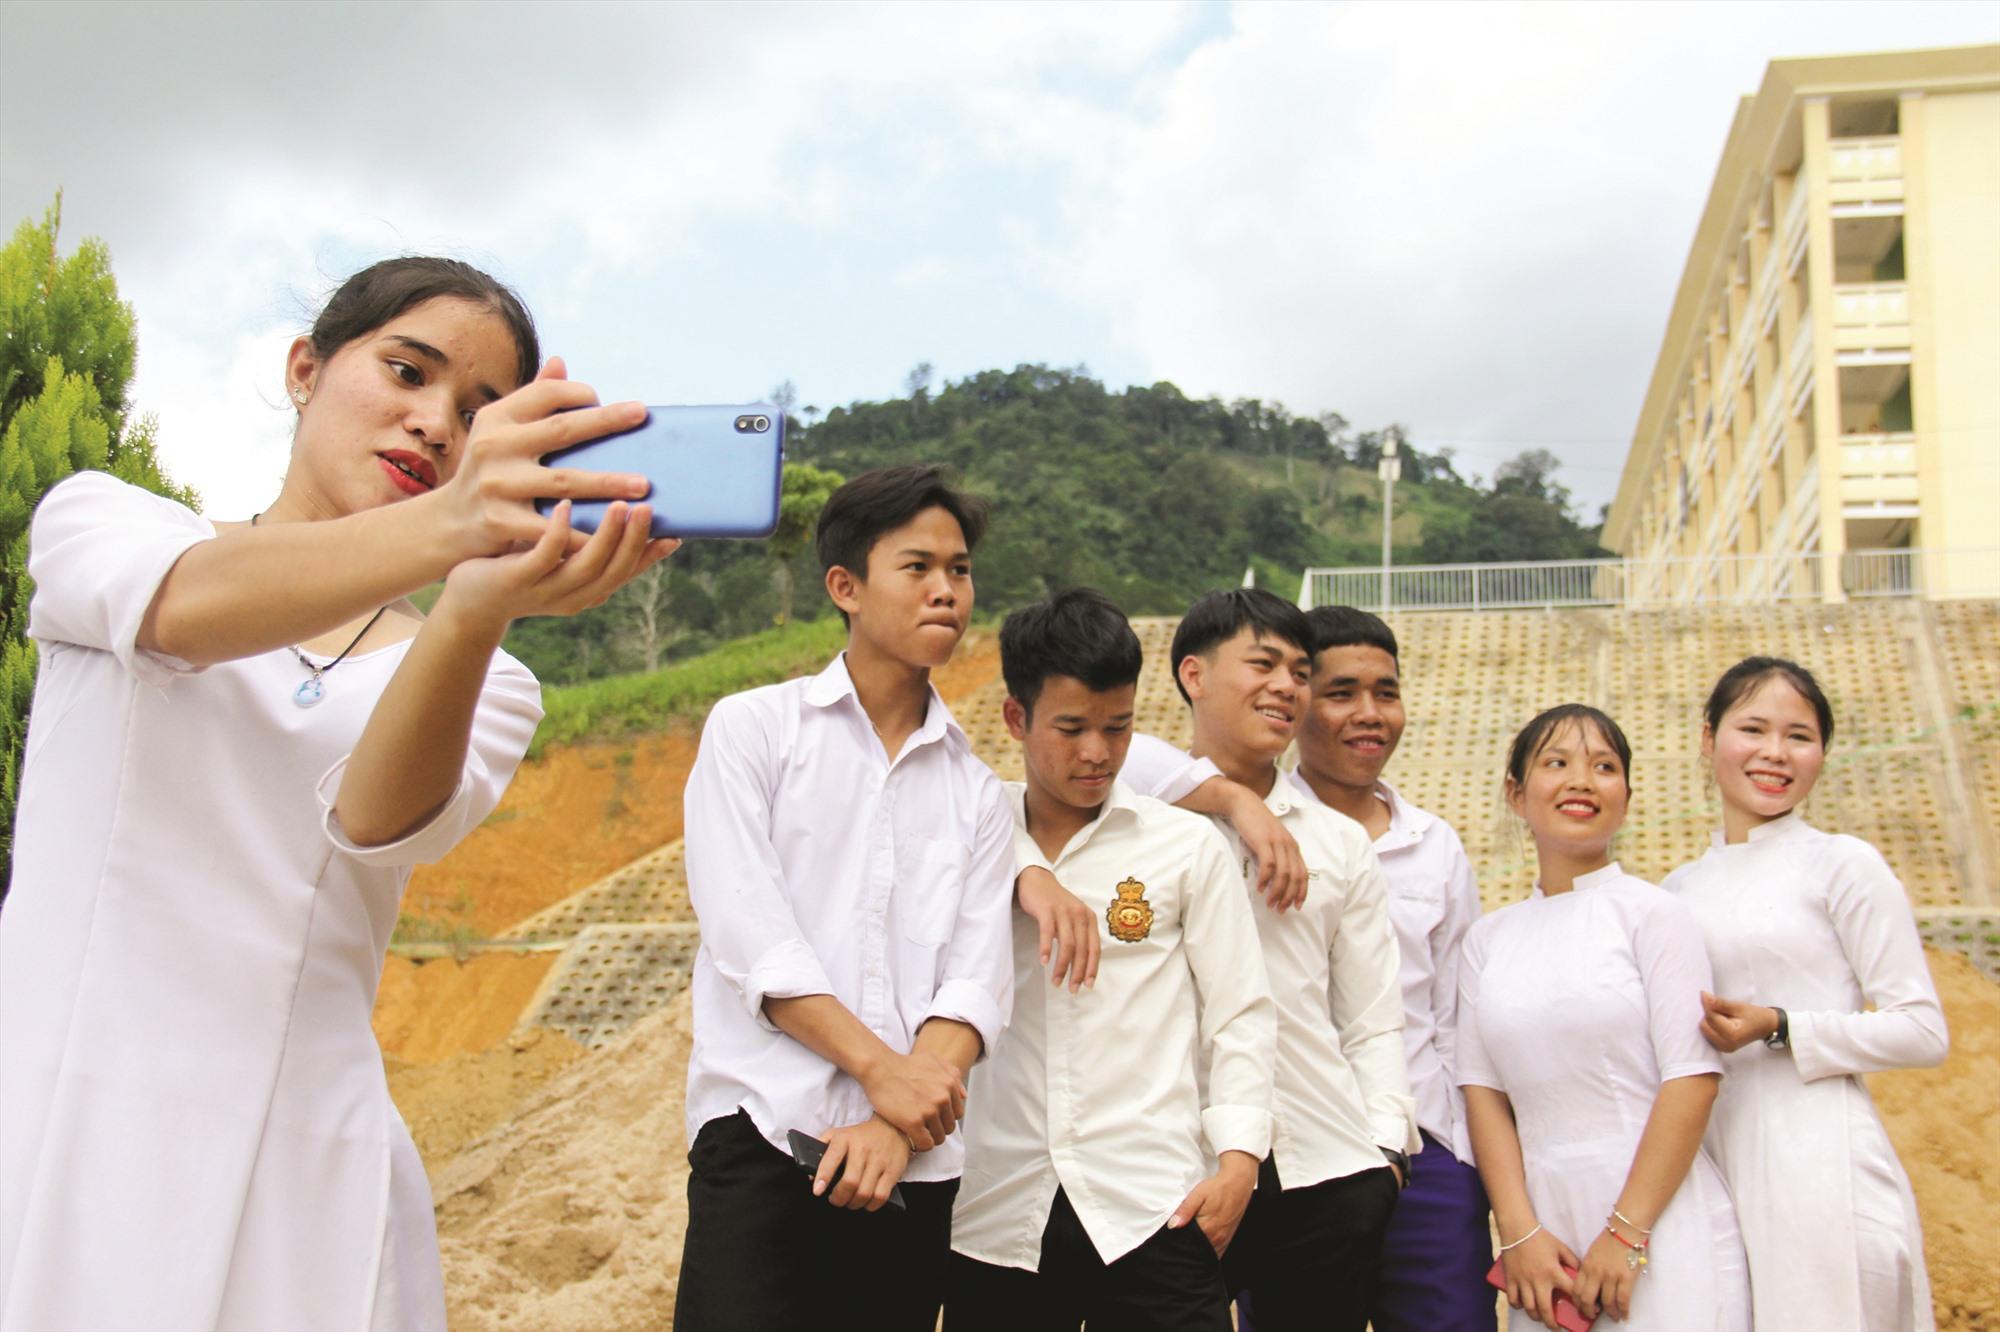 Học sinh lớp 12 Trường THPT Võ Chí Công (xã A Xan, Tây Giang) ghi lại khoảnh khắc kỷ niệm trong ngày bế giảng.